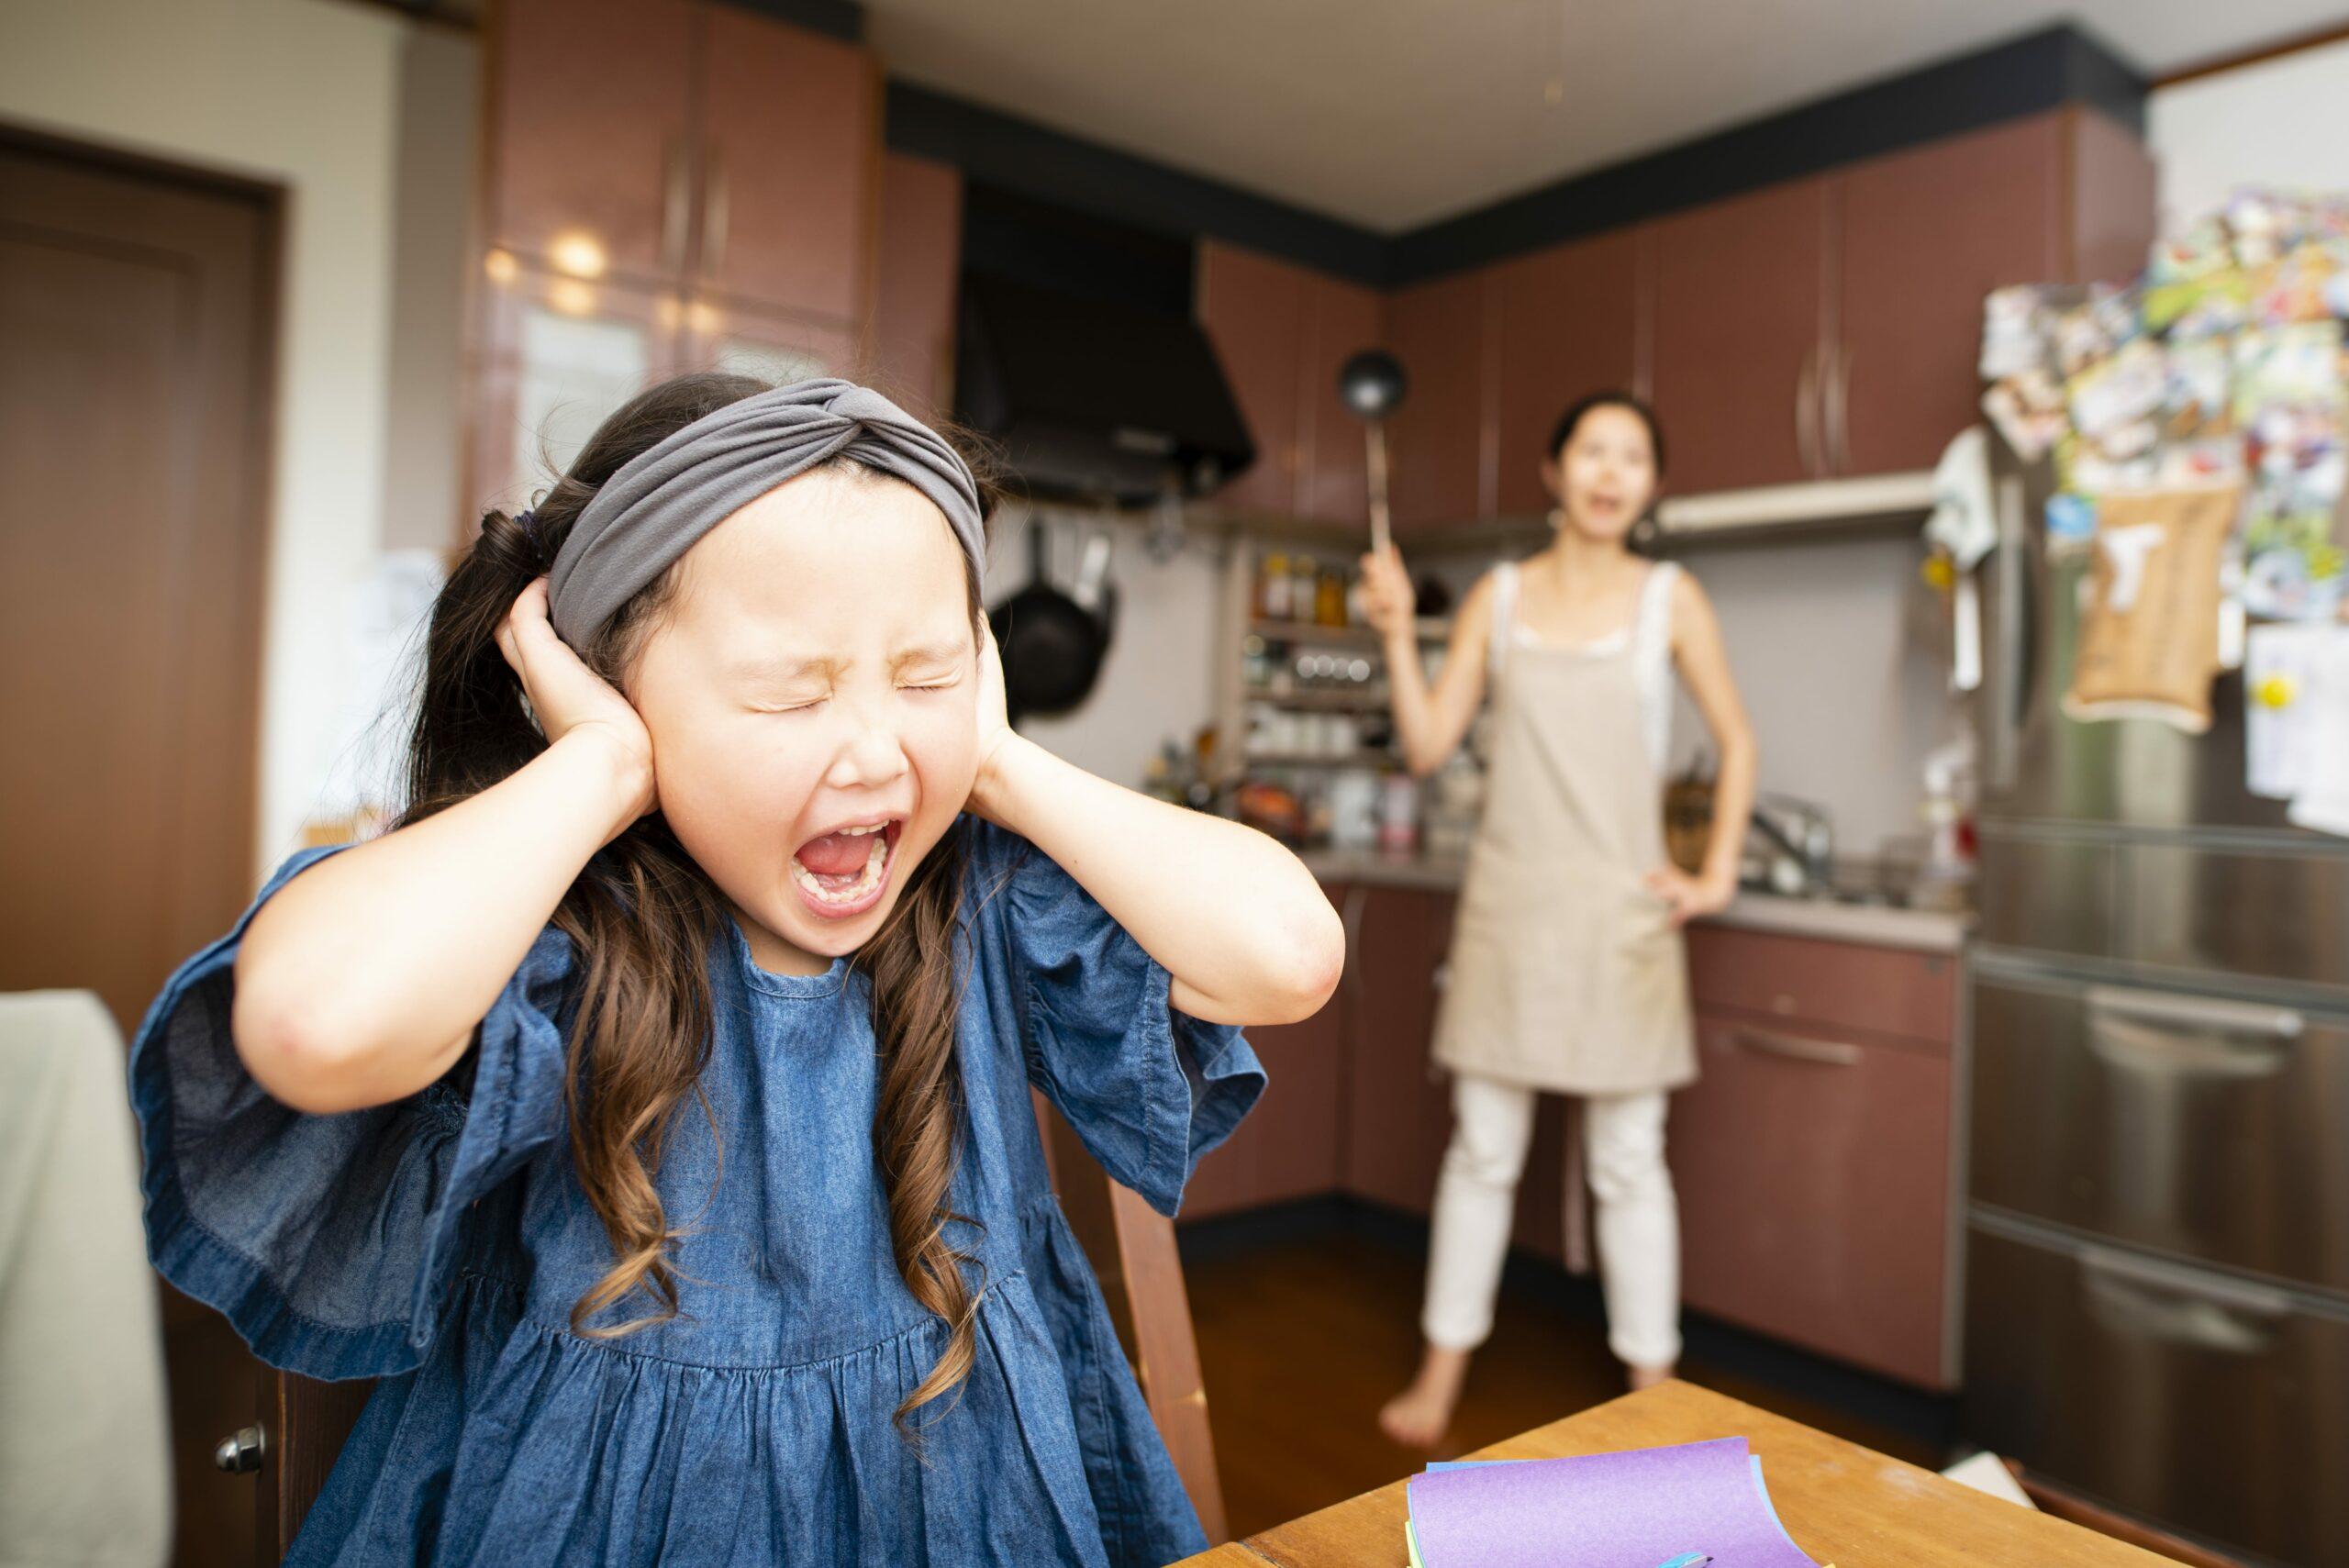 子どもの気持ちに共感し、受け止めるには、具体的にどうすればいい?の画像1